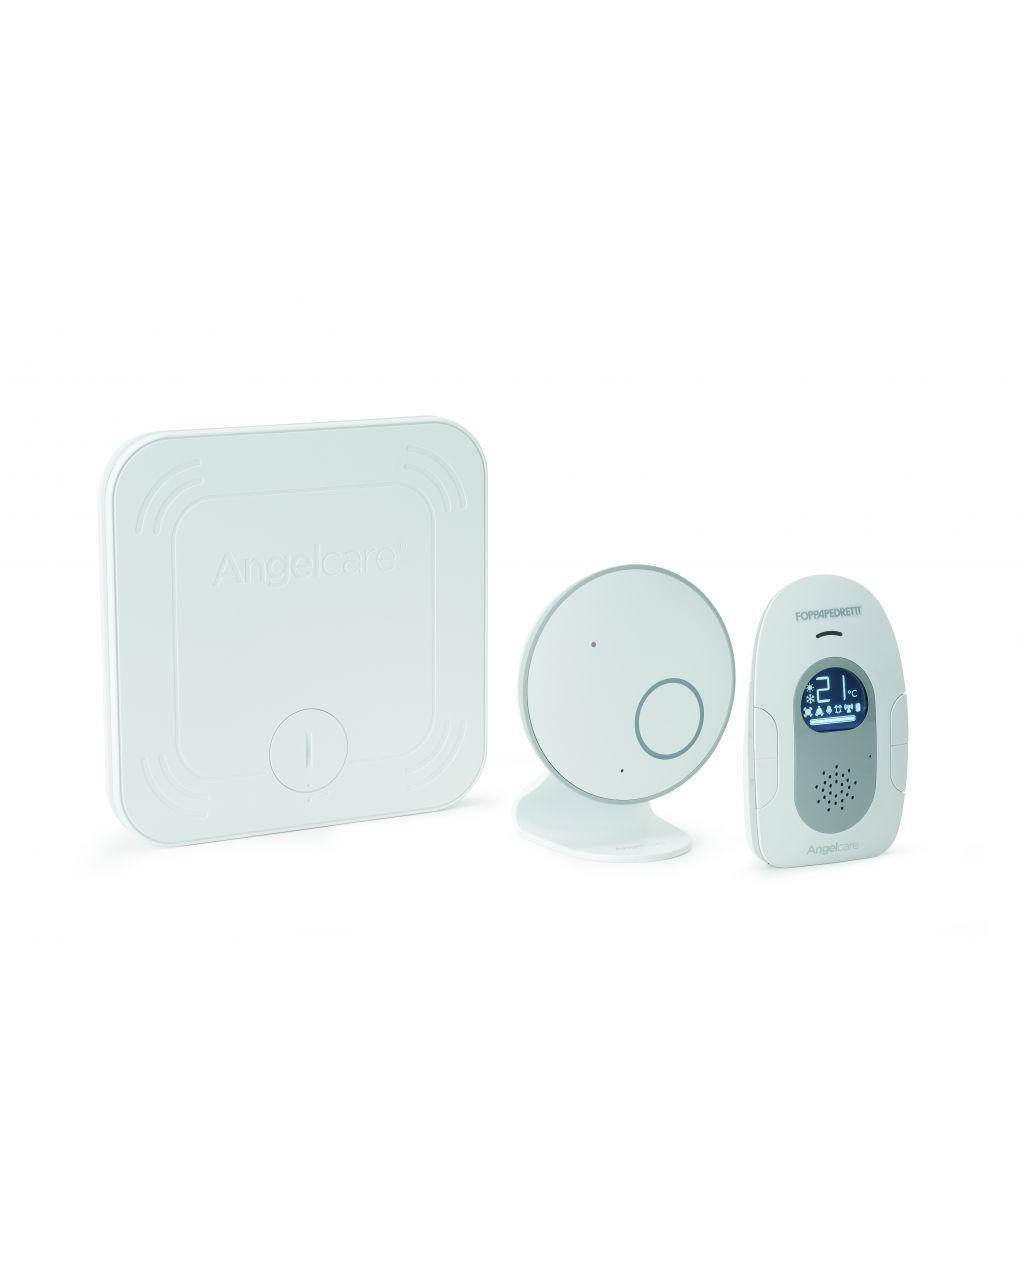 Angelcare - audio monitor digitalecon pannello sensore wireless - Foppapedretti